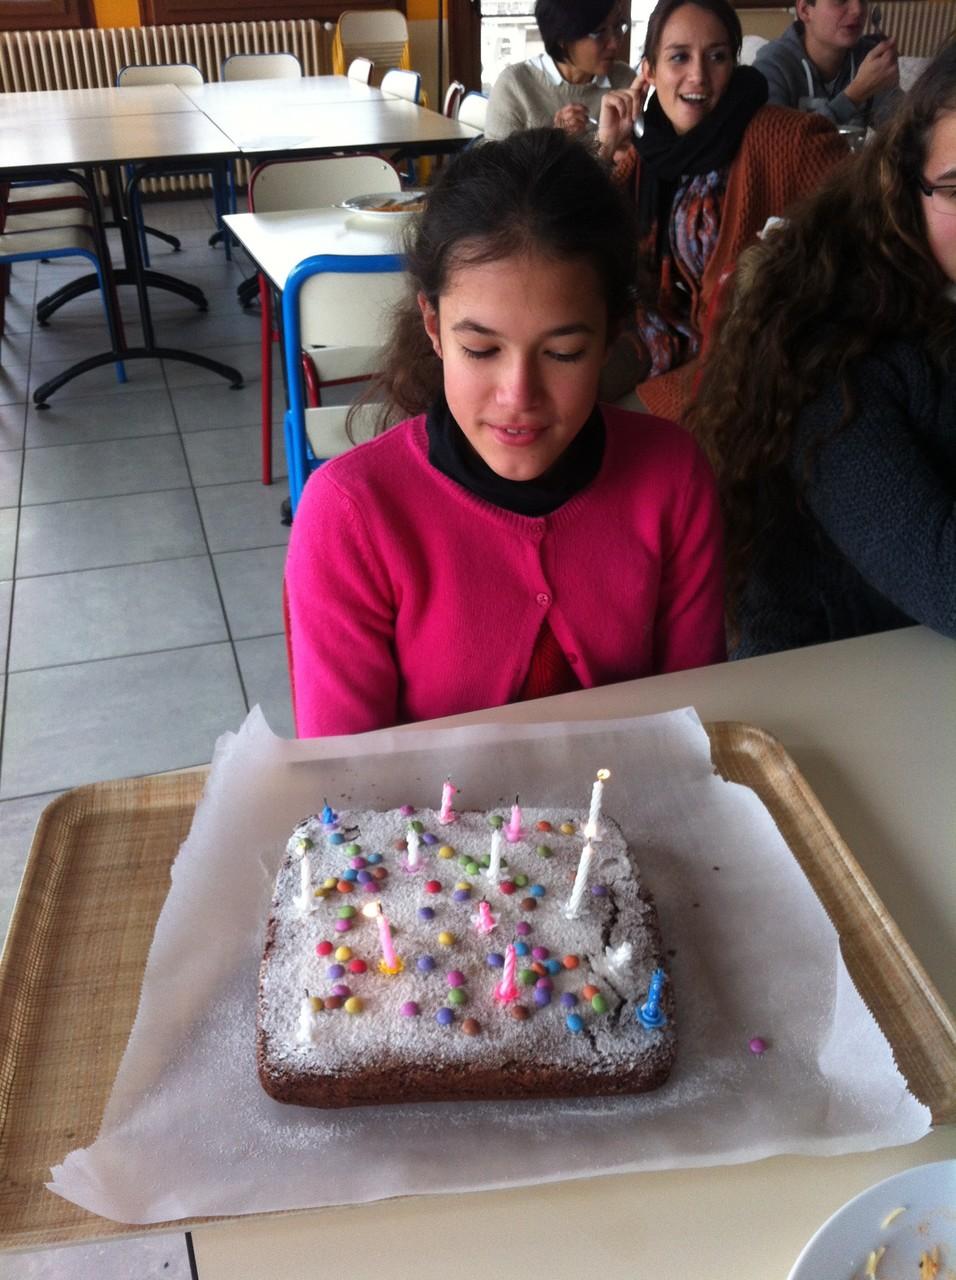 On fête les anniversaires avec le gâteau au choix de l'enfant. Adèle à choisi un bon gâteau au chocolat, saupoudré de sucre-glace et de smarties.